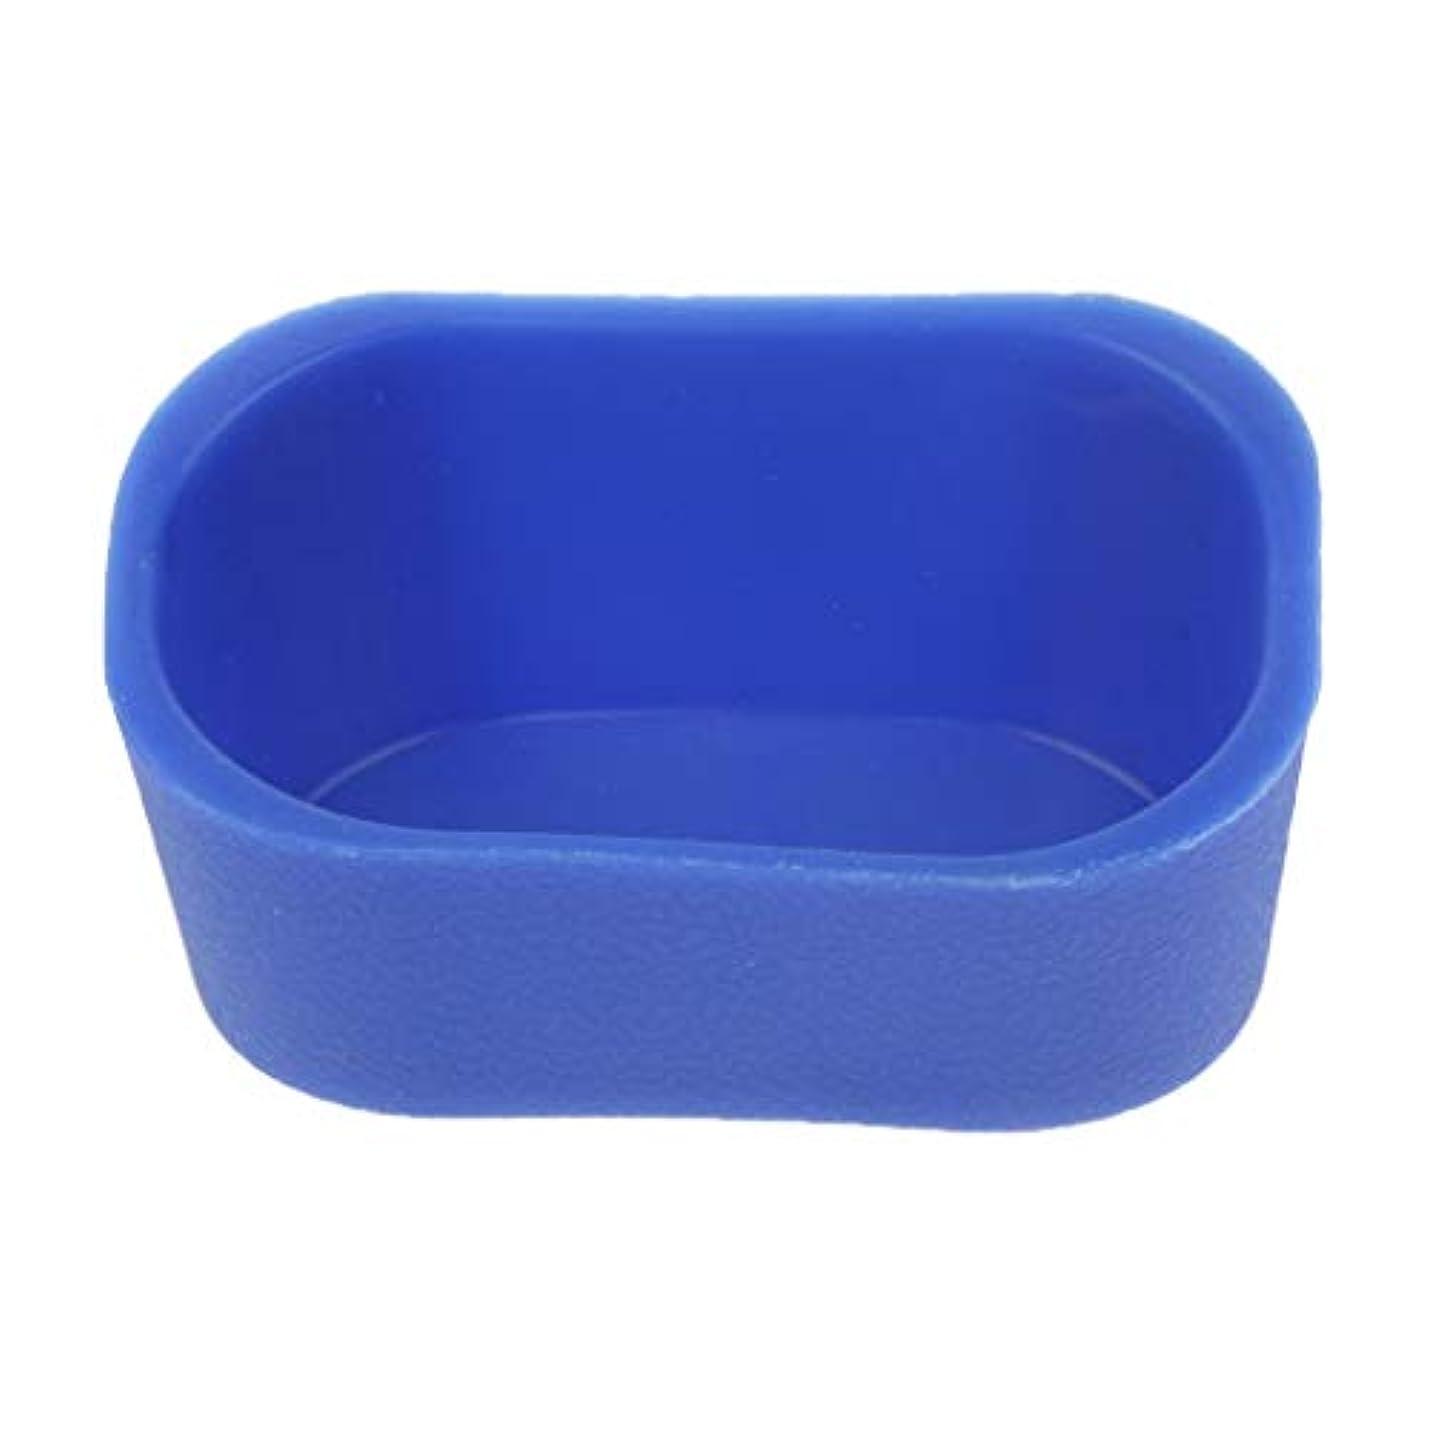 生き残り達成虎シャンプーボウル ピロー ネックレス クッション 高品質 5色選べ - 青